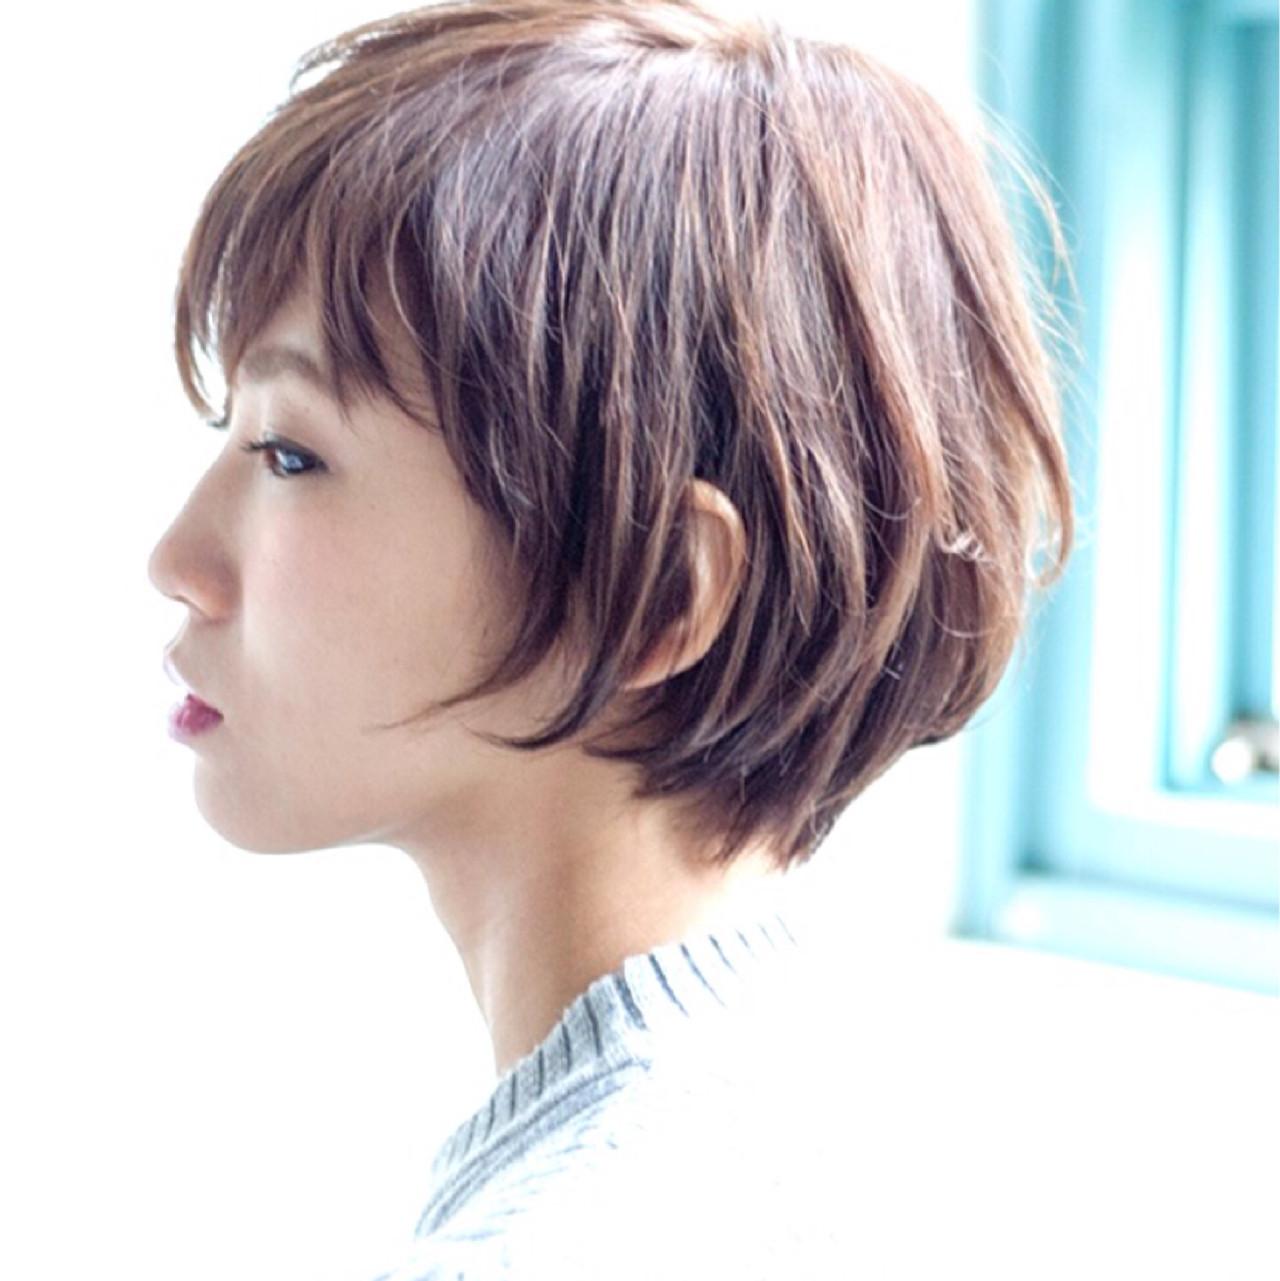 ナチュラル 耳かけ ショート ヘアスタイルや髪型の写真・画像 | 石井励斉 / PLACE IN THE SUN